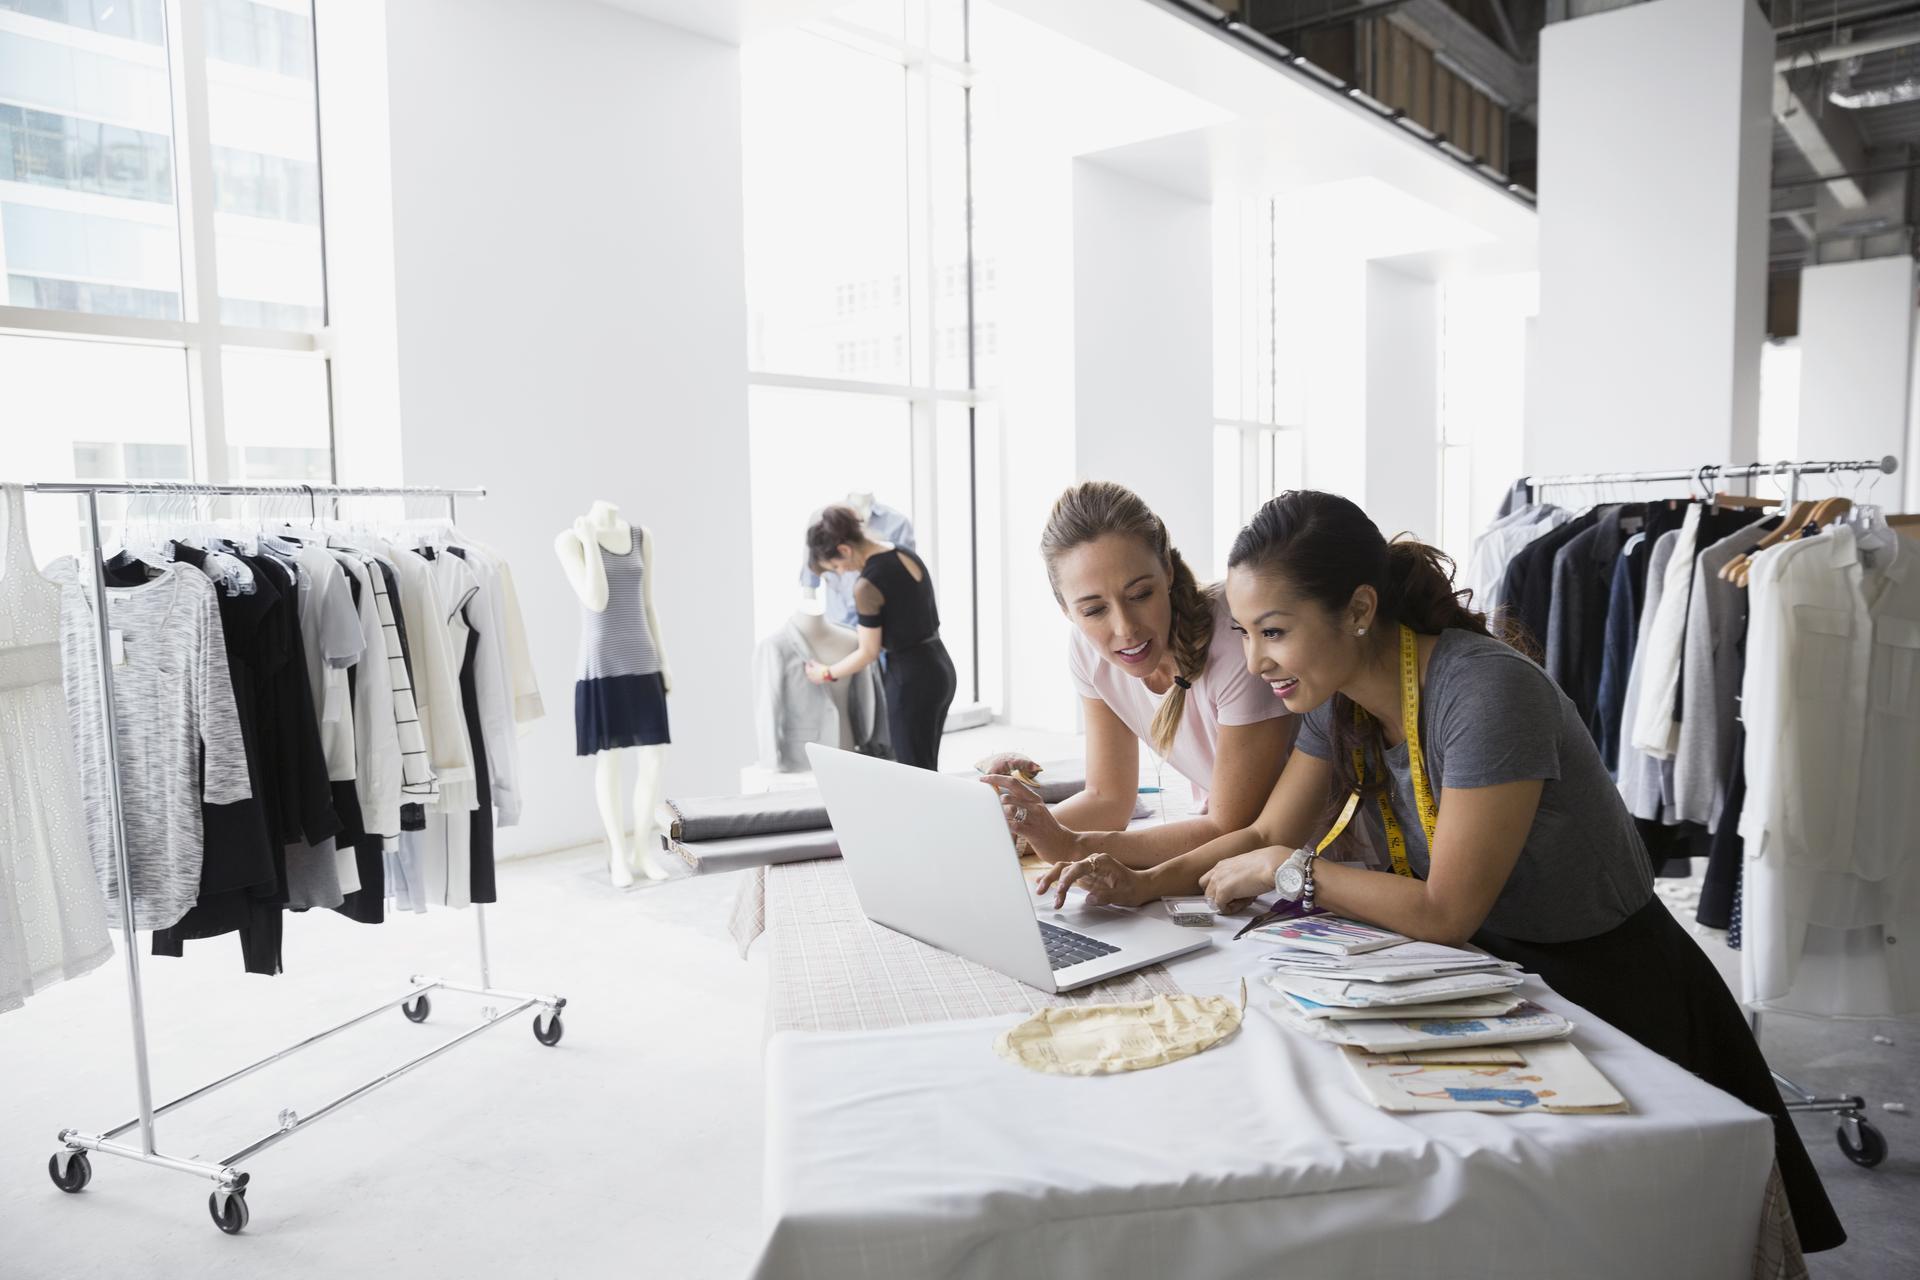 Il retail si reinventa e accelera la digitalizzazione per fidelizzare consumatori sempre più connessi